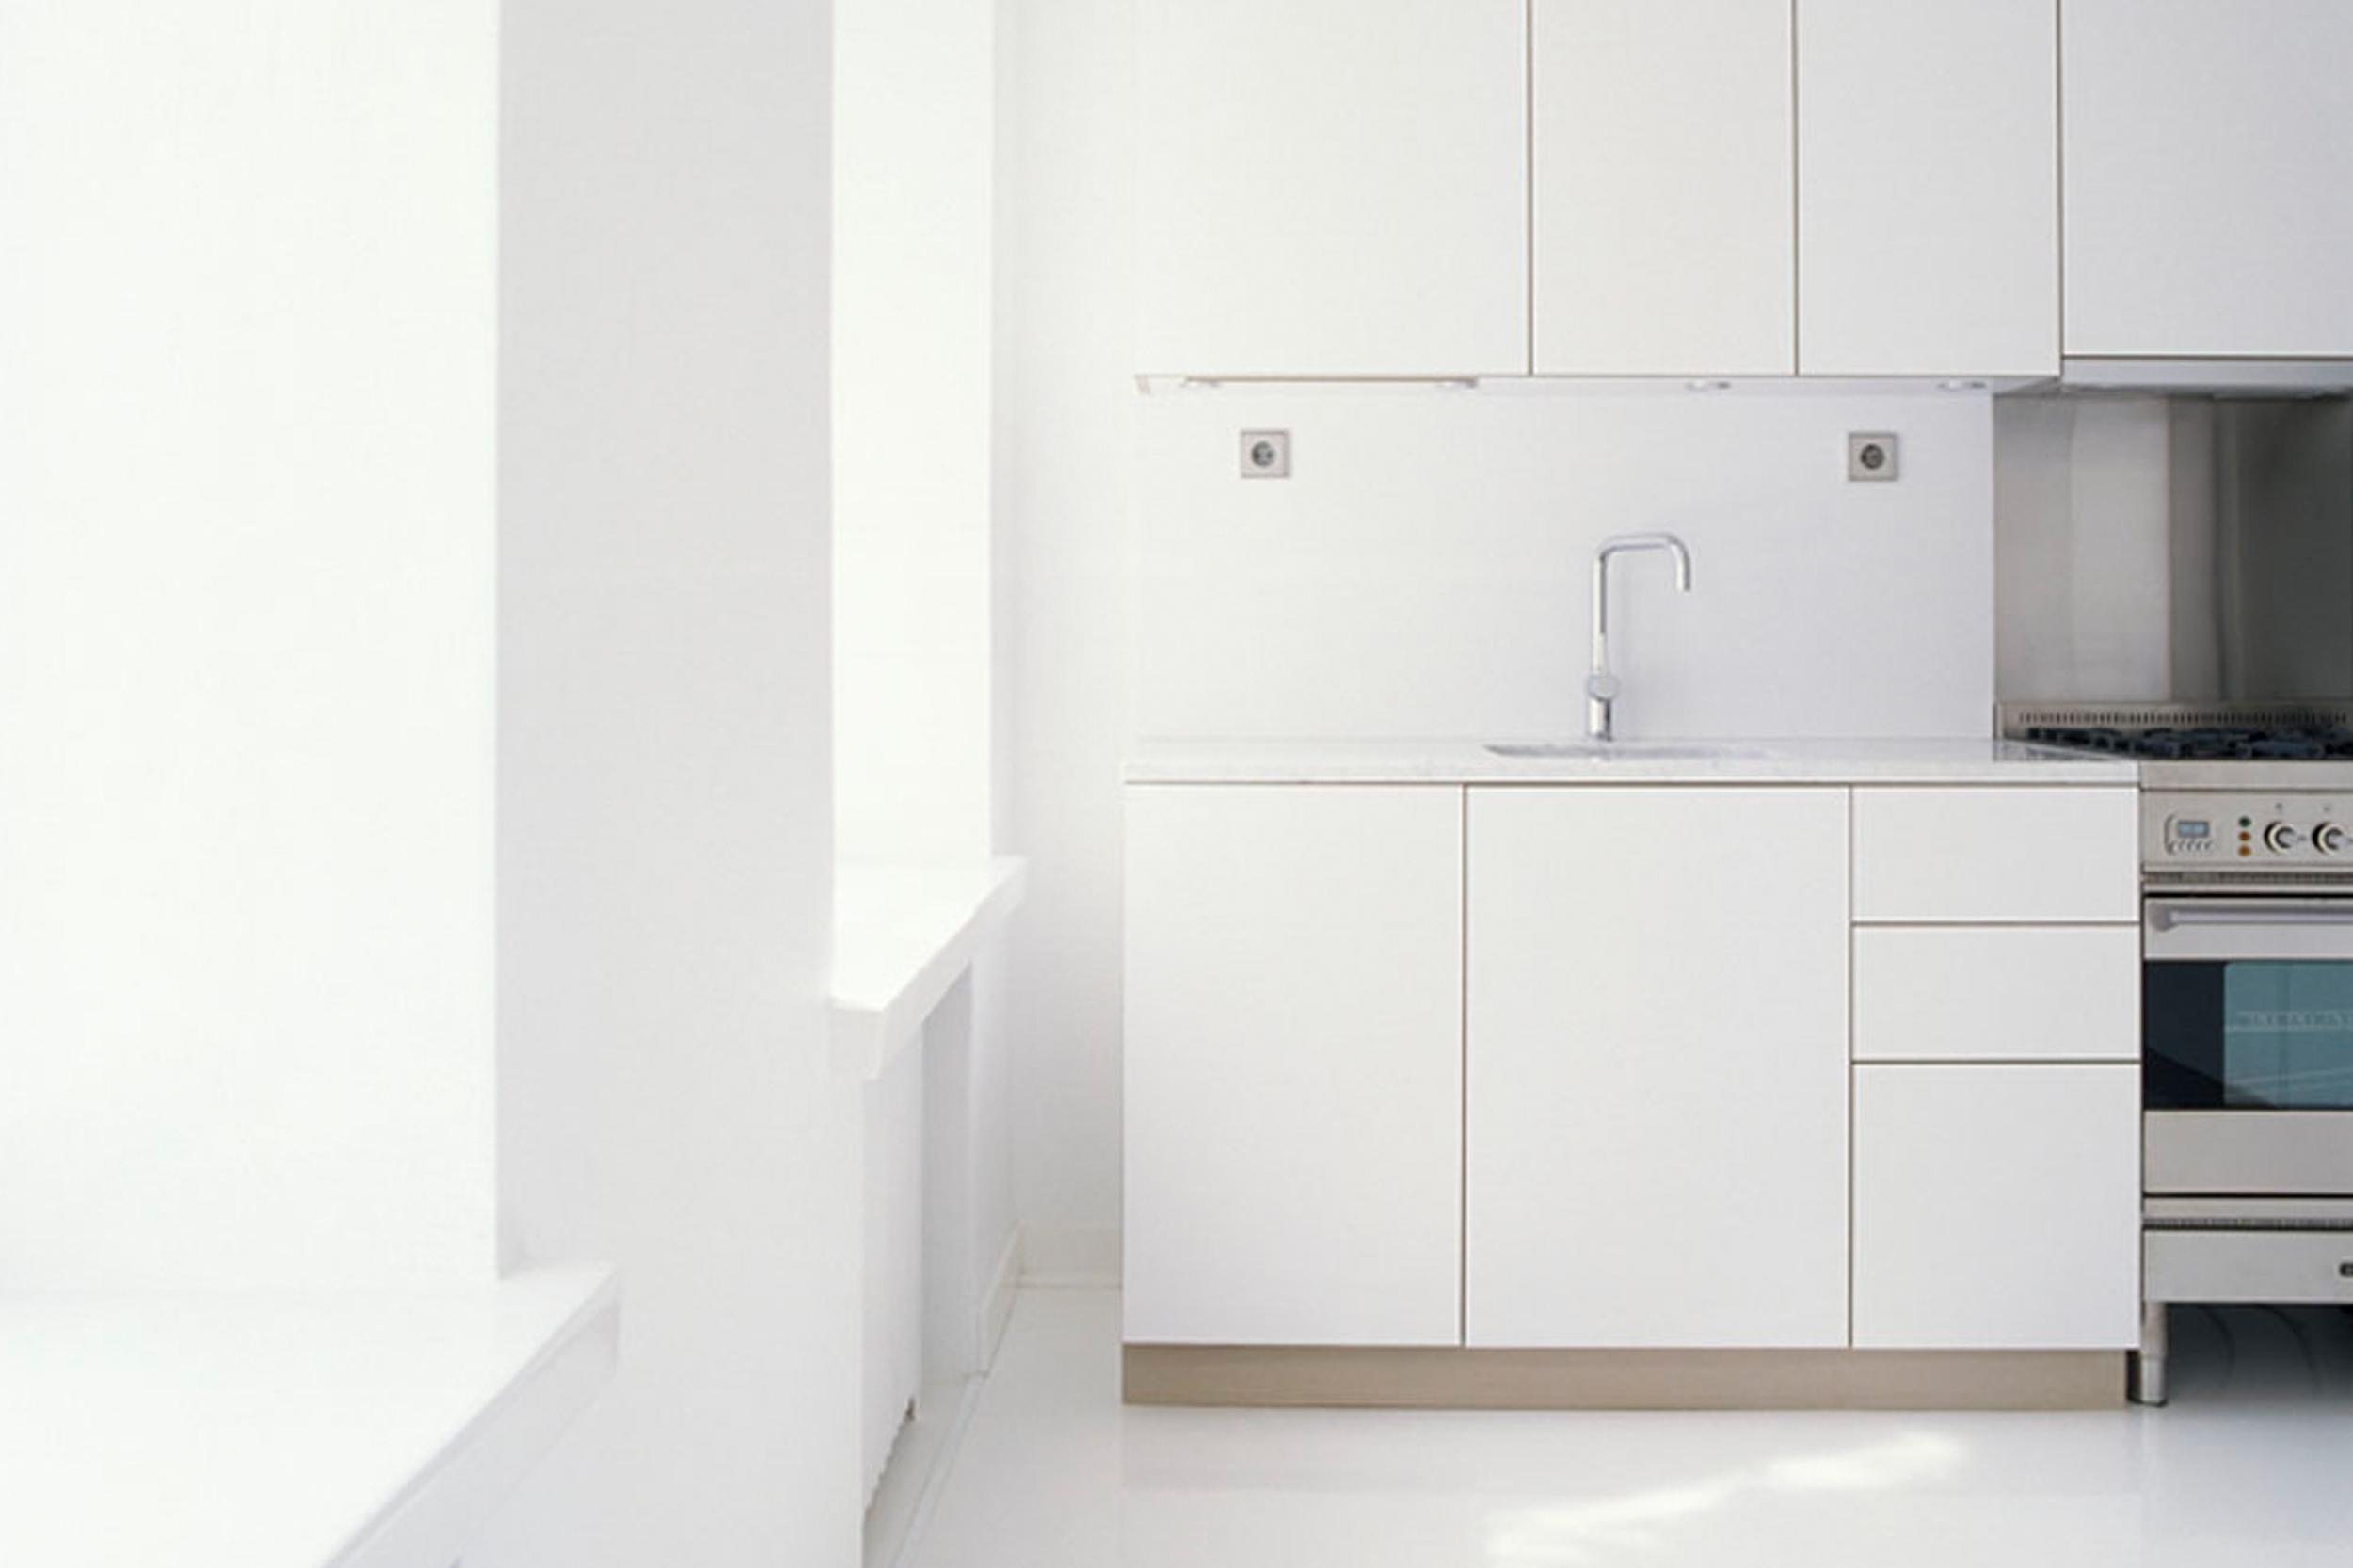 Habitek Solaris white kitchen cabinets